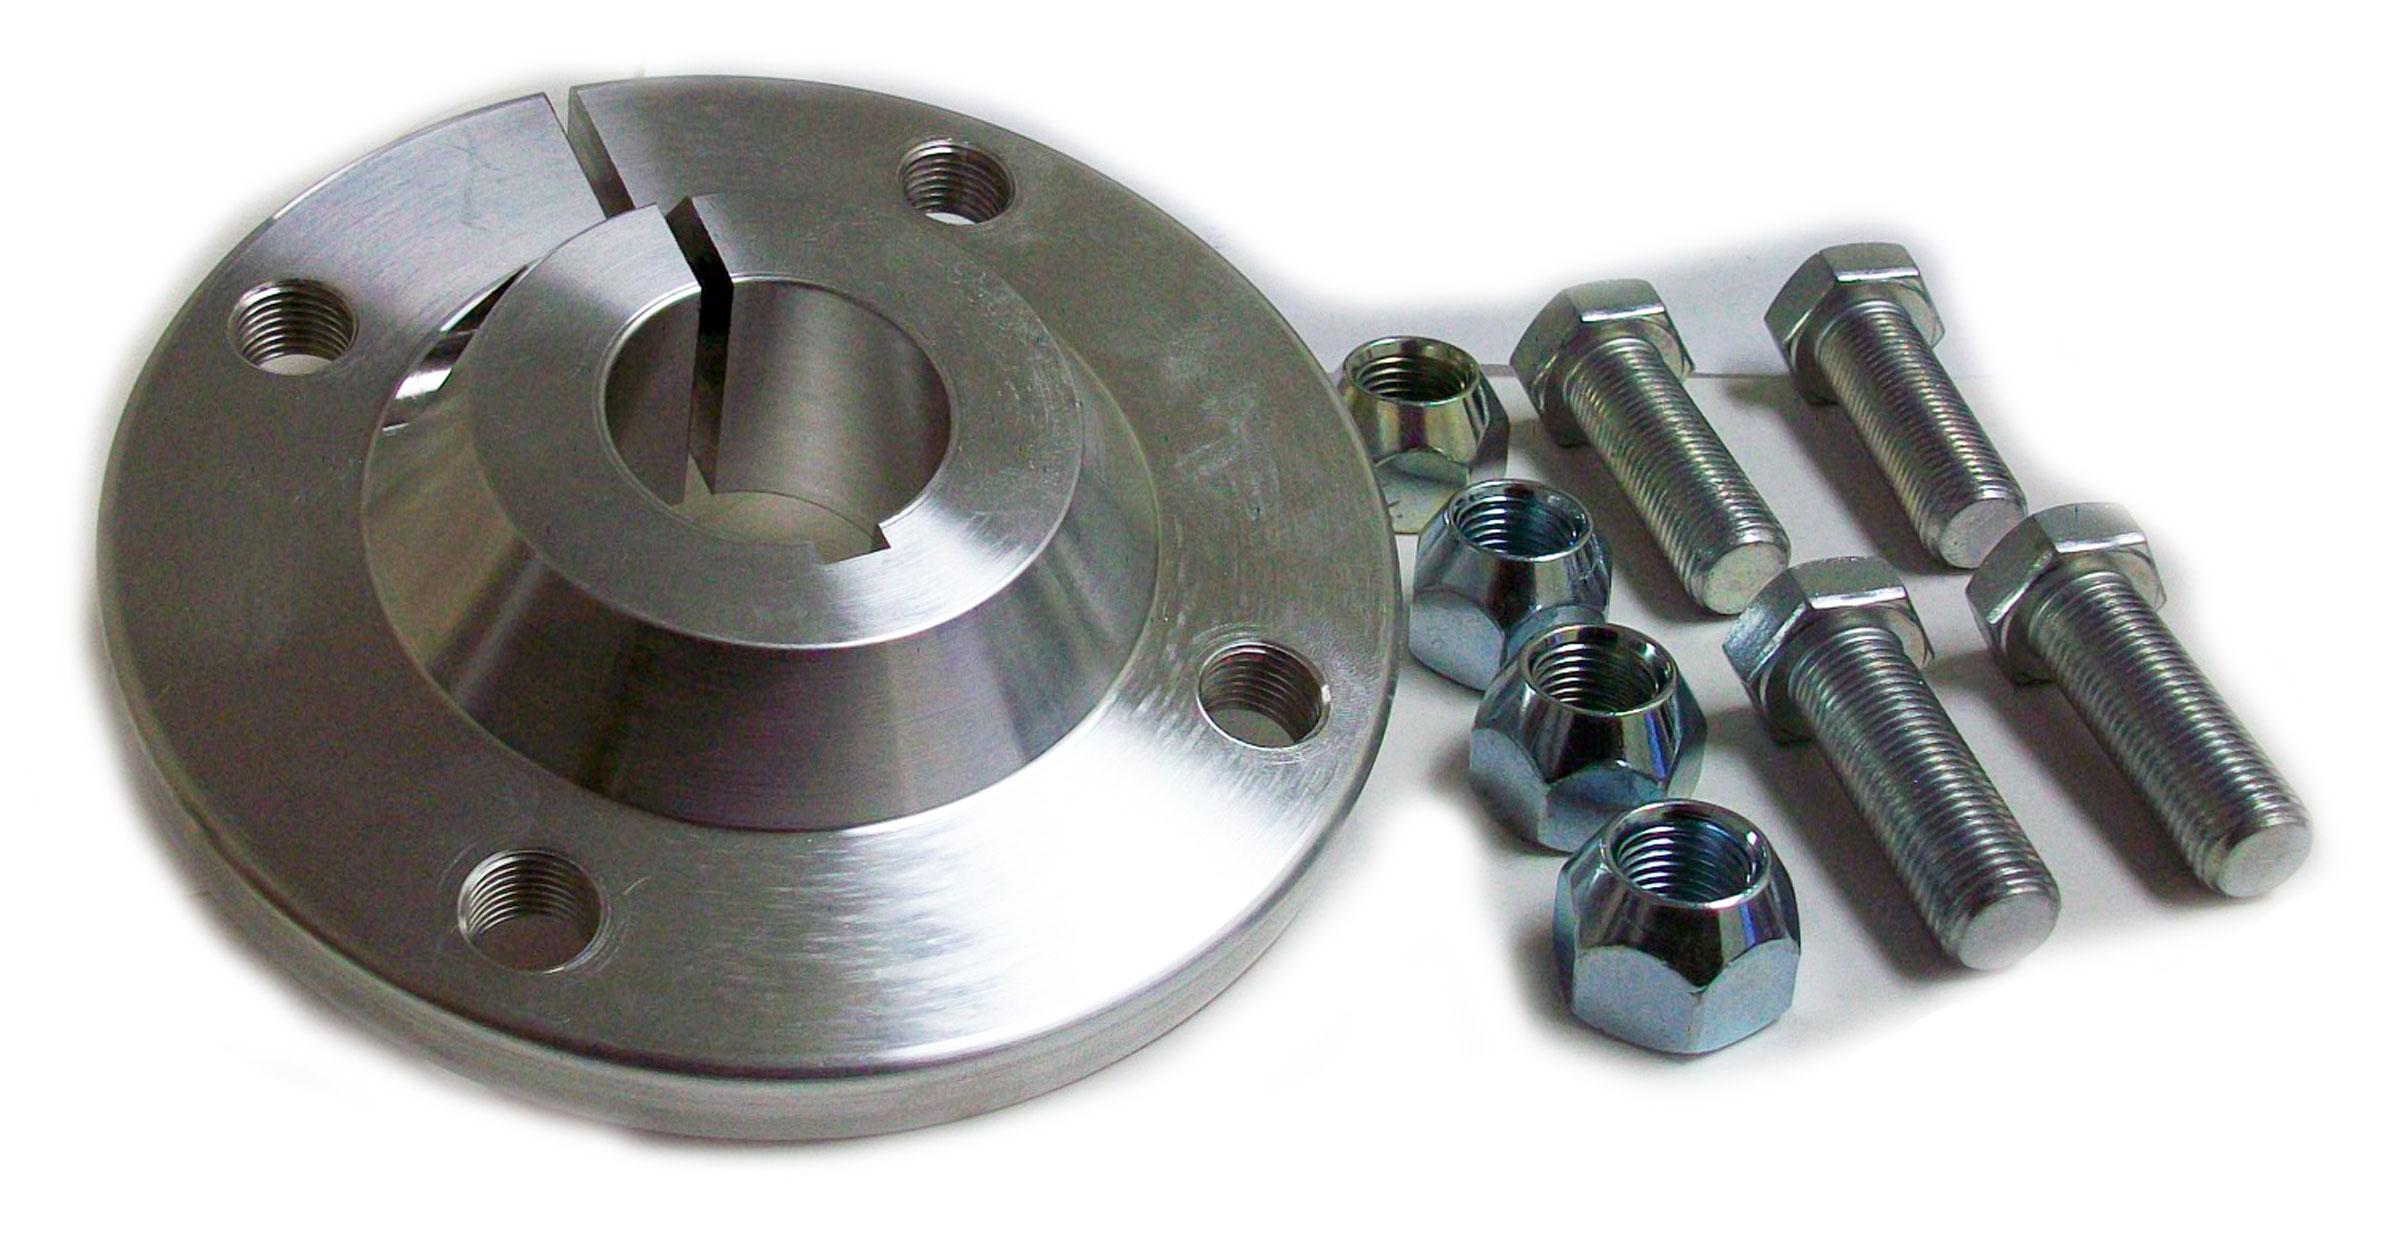 Go Cart Axles With Hubs : Rear axle aluminum wheel hub quot bore go kart